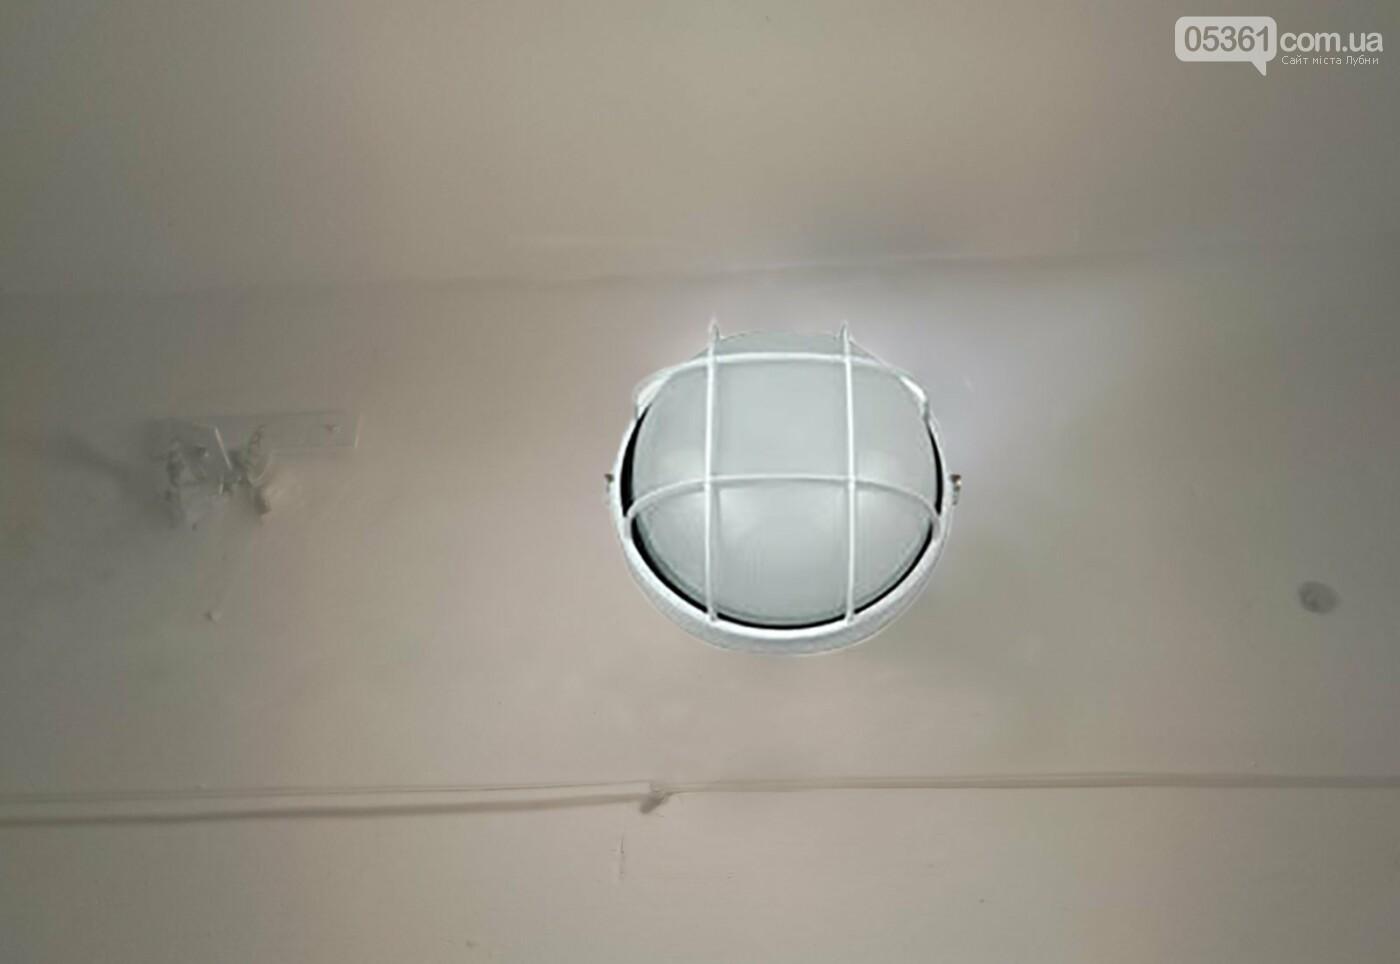 """Лубенське ЛК ЖЕУ осучаснює систему освітлення в під""""їздах багатоповерхівок, фото-1"""